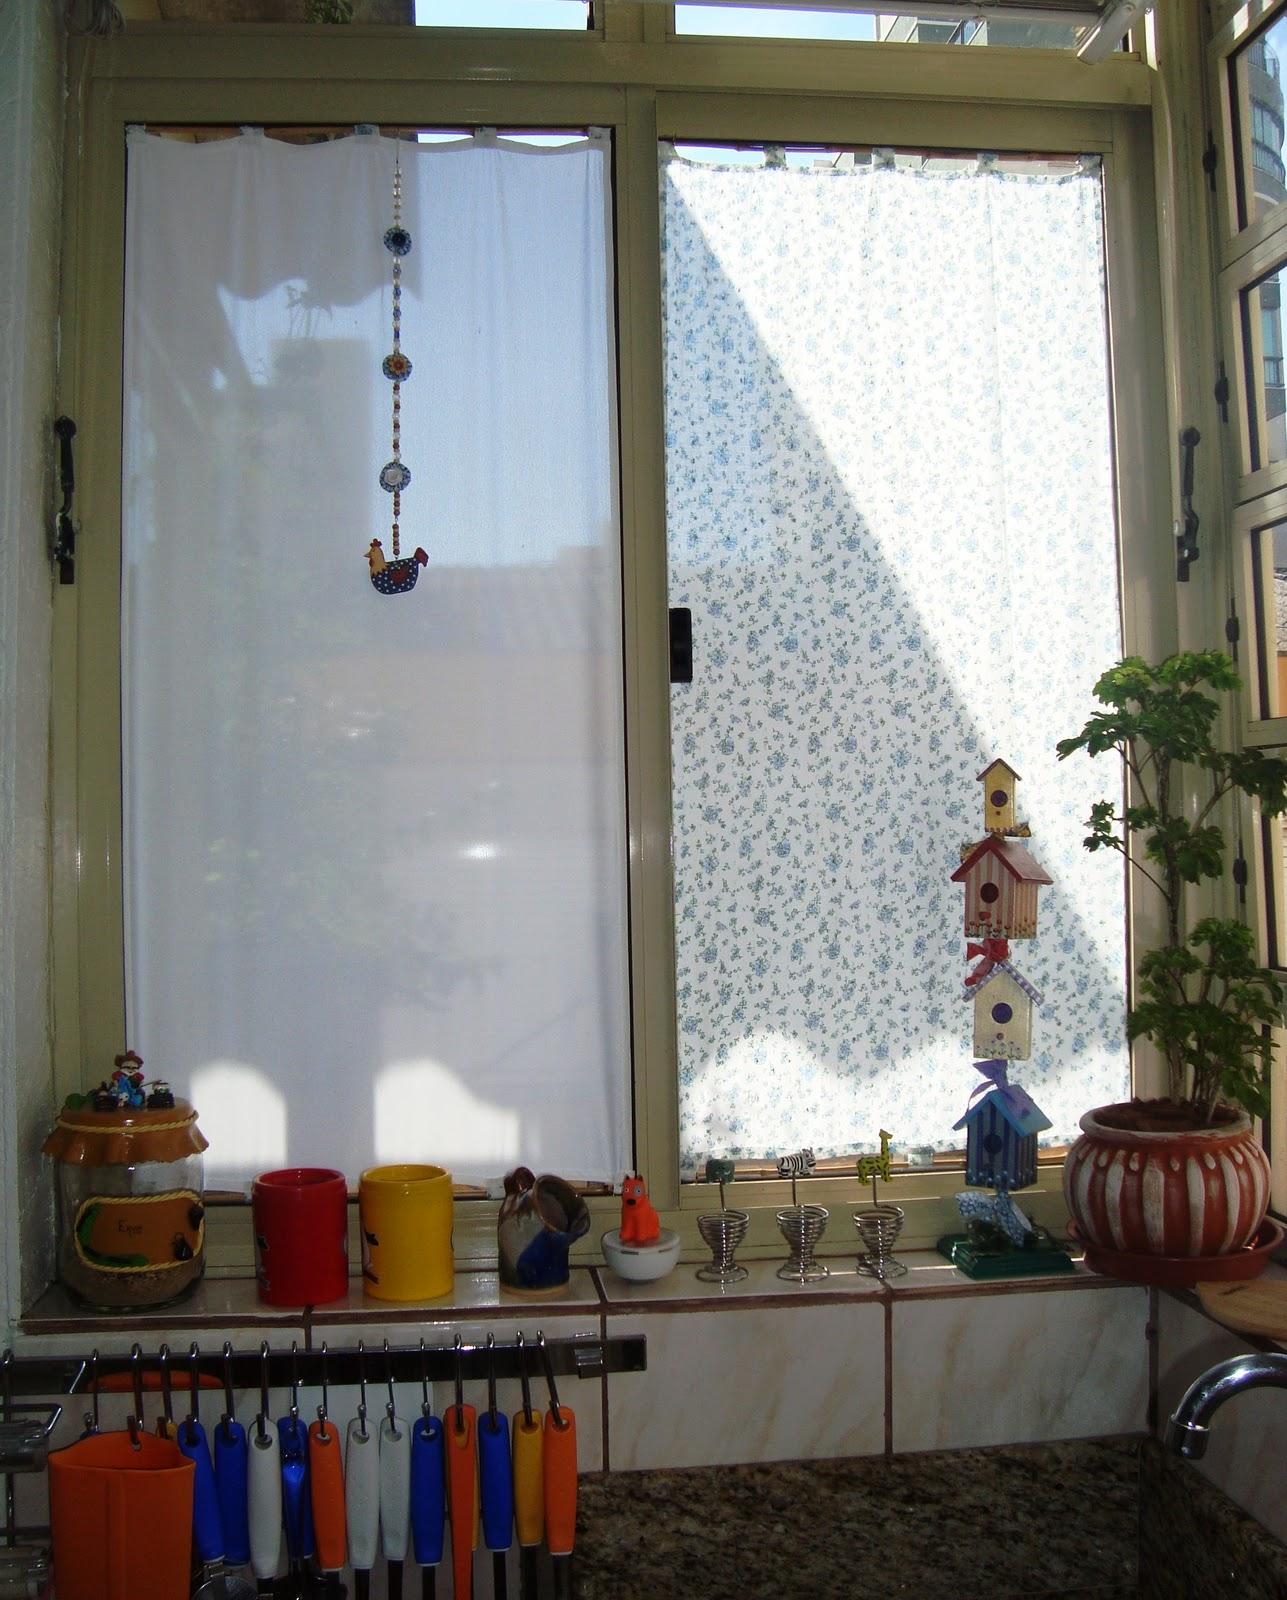 #613922  da janela. Lembrei de cortinas que via antigamente em algumas casas 40 Janelas De Vidro Cortina